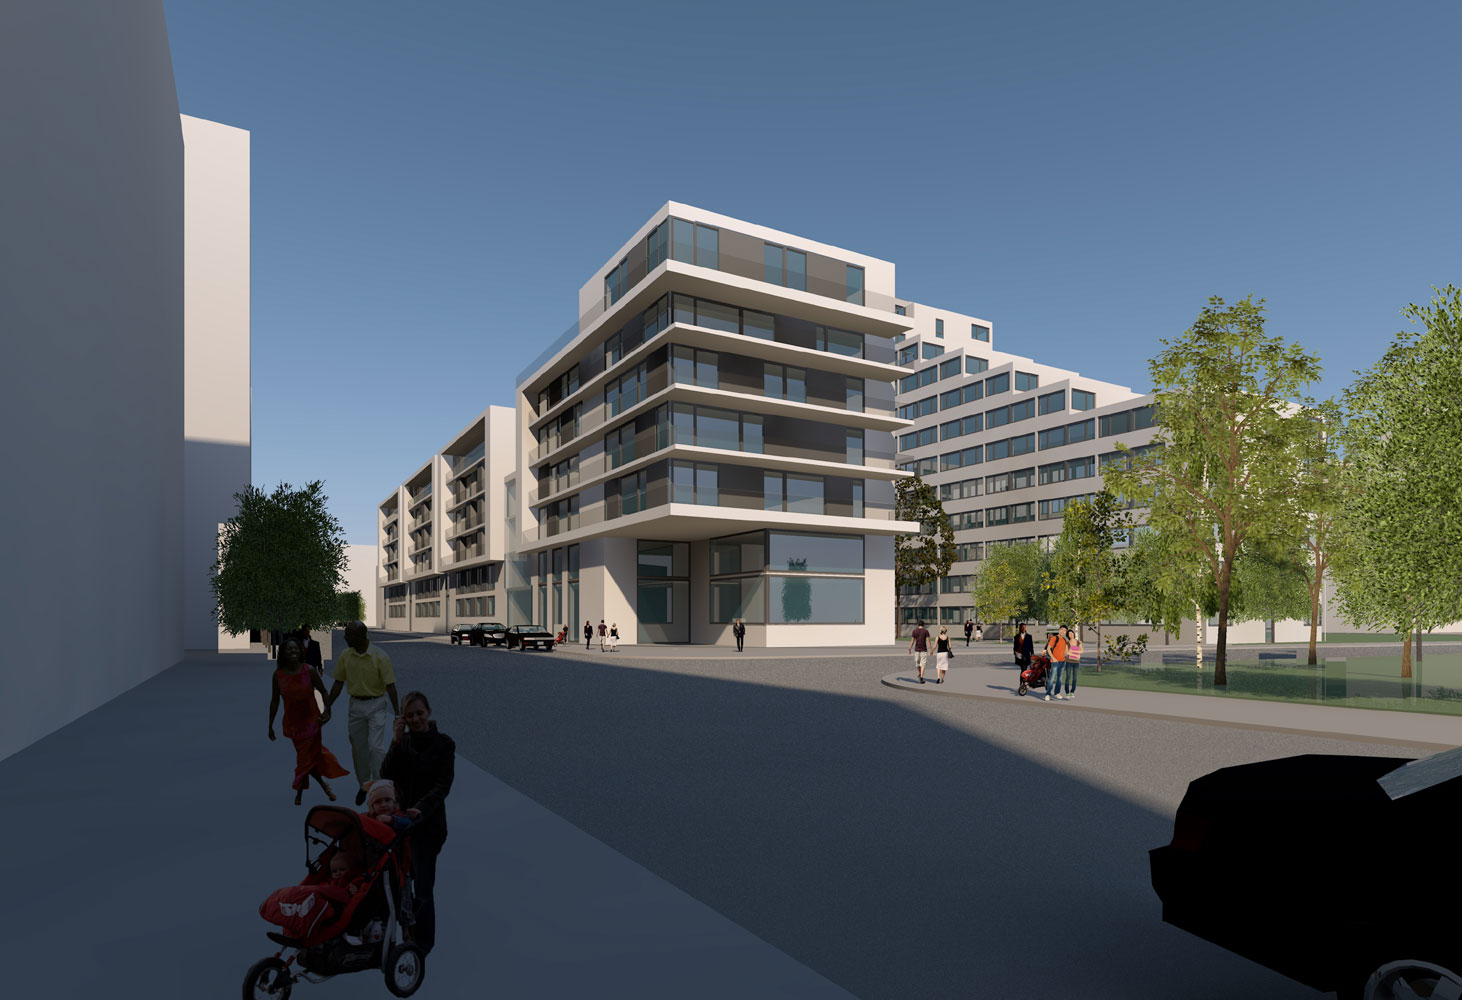 Visualisierung Kampmann+Architekten GmbH, J. Stellwag